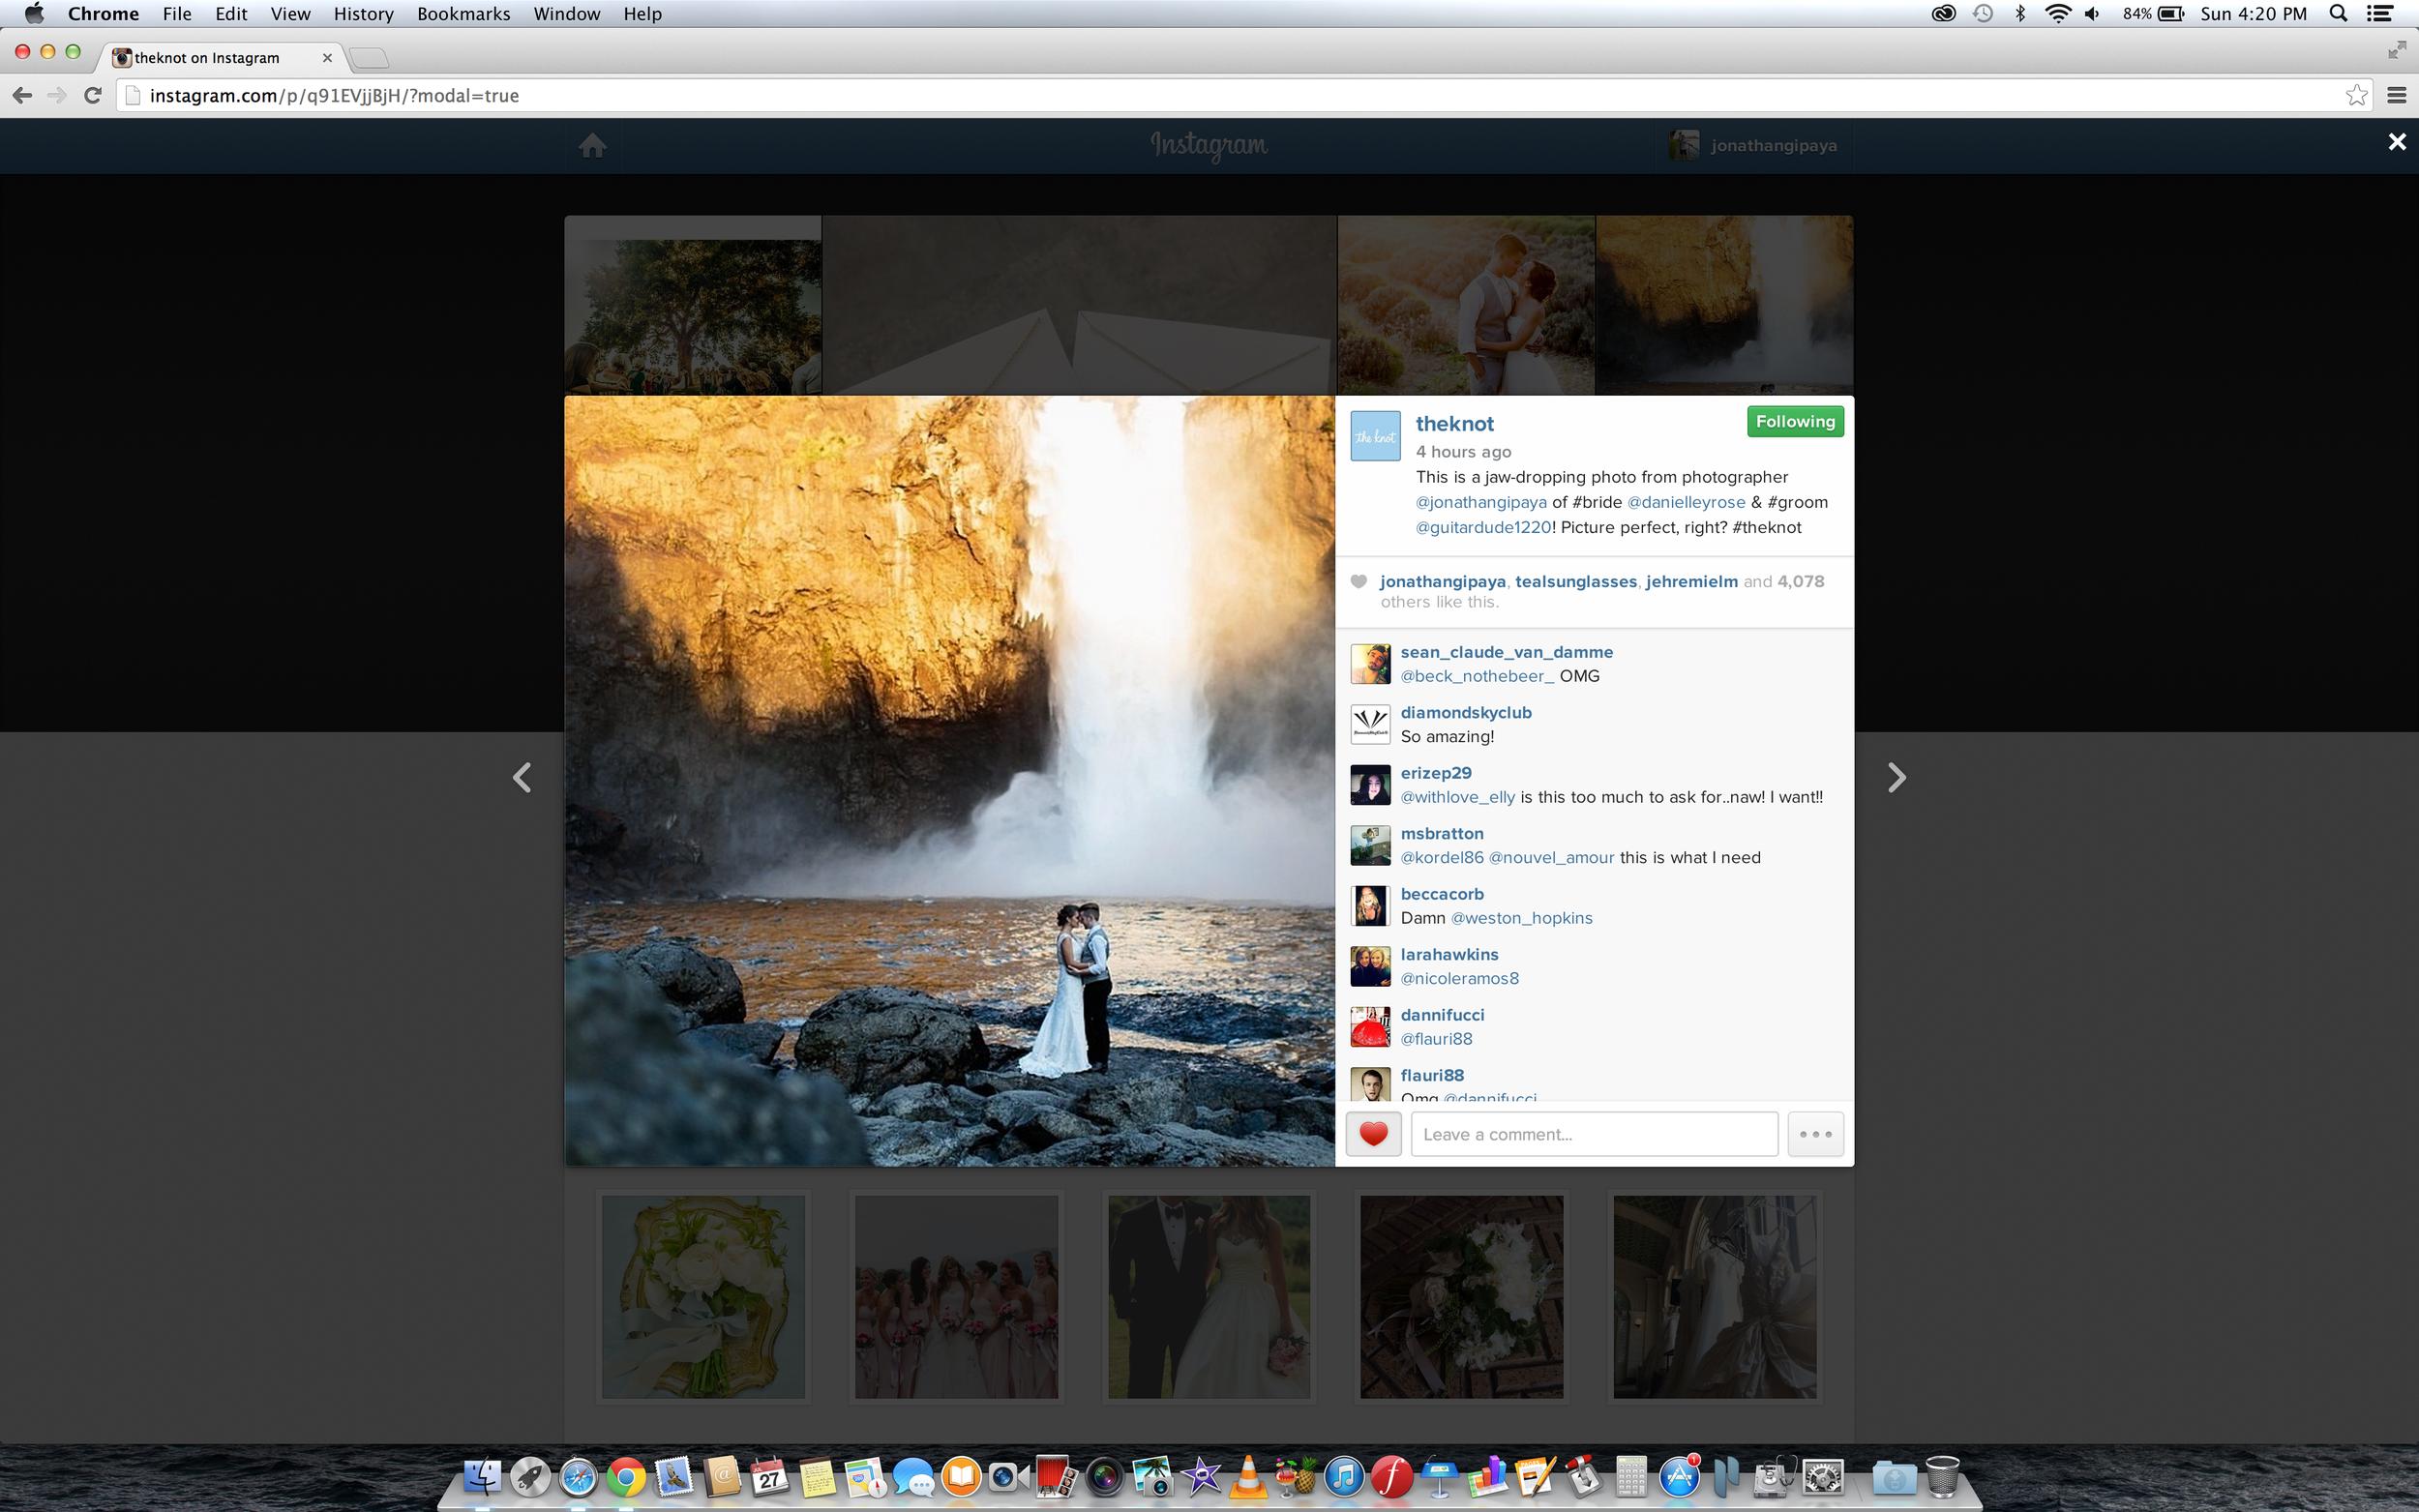 Screen Shot 2014-07-27 at 4.20.47 PM.png